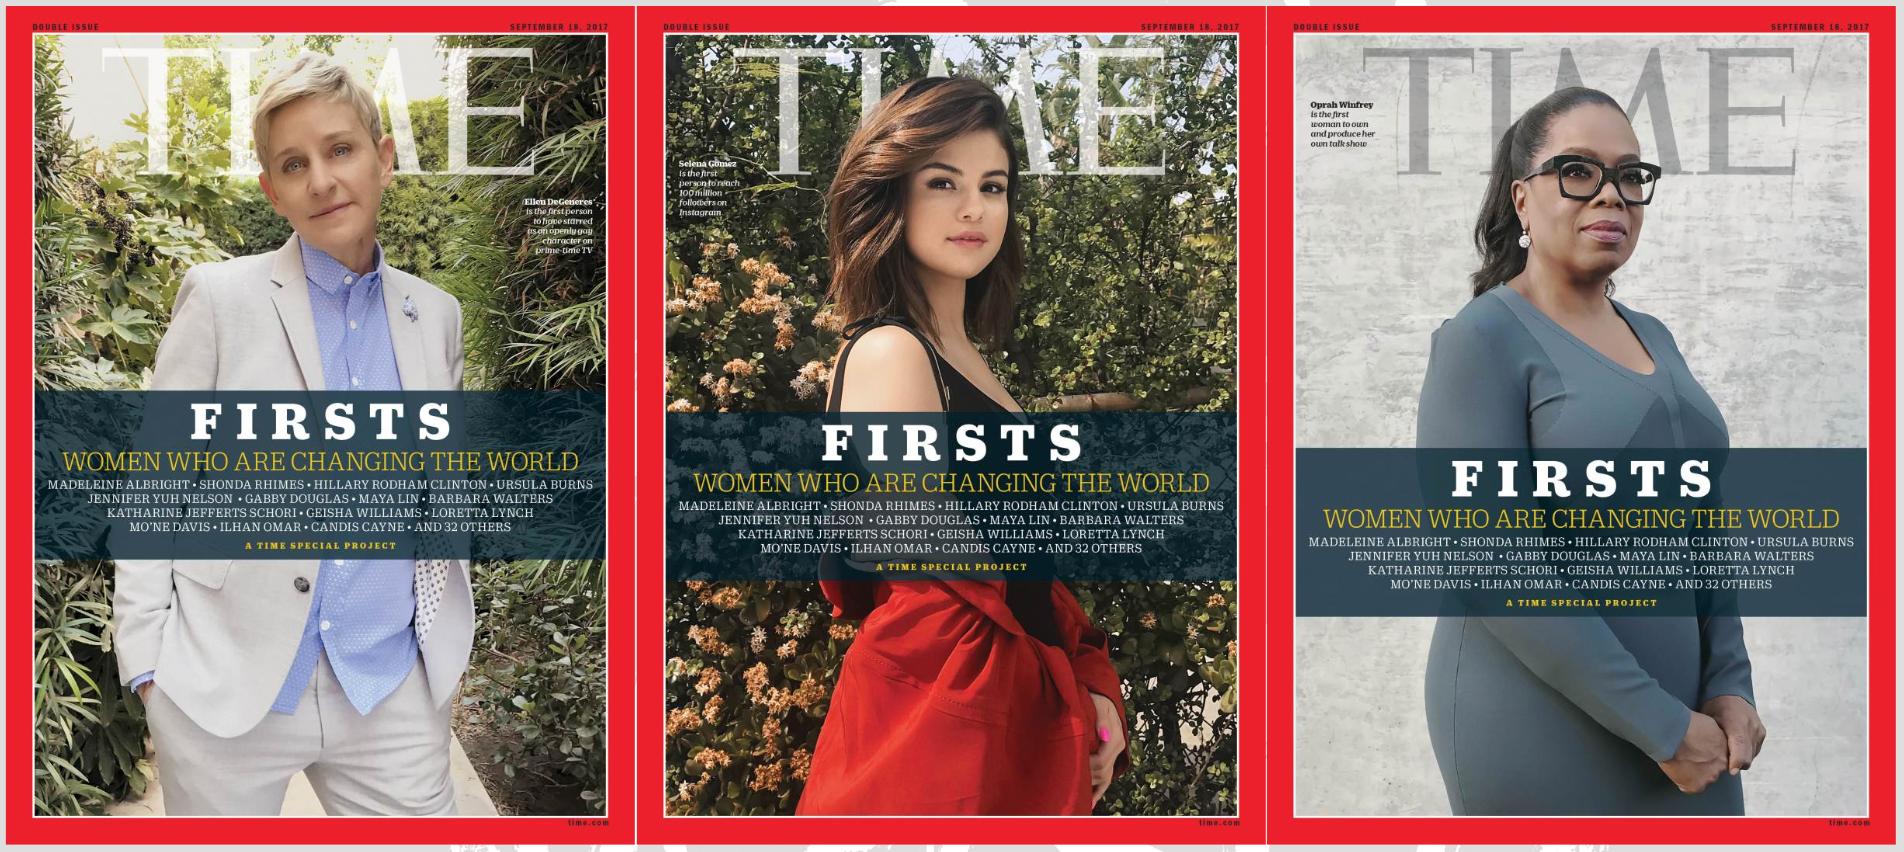 Bạn sẽ không tin ảnh bìa trên tạp chí Time lại được chụp bằng iPhone,